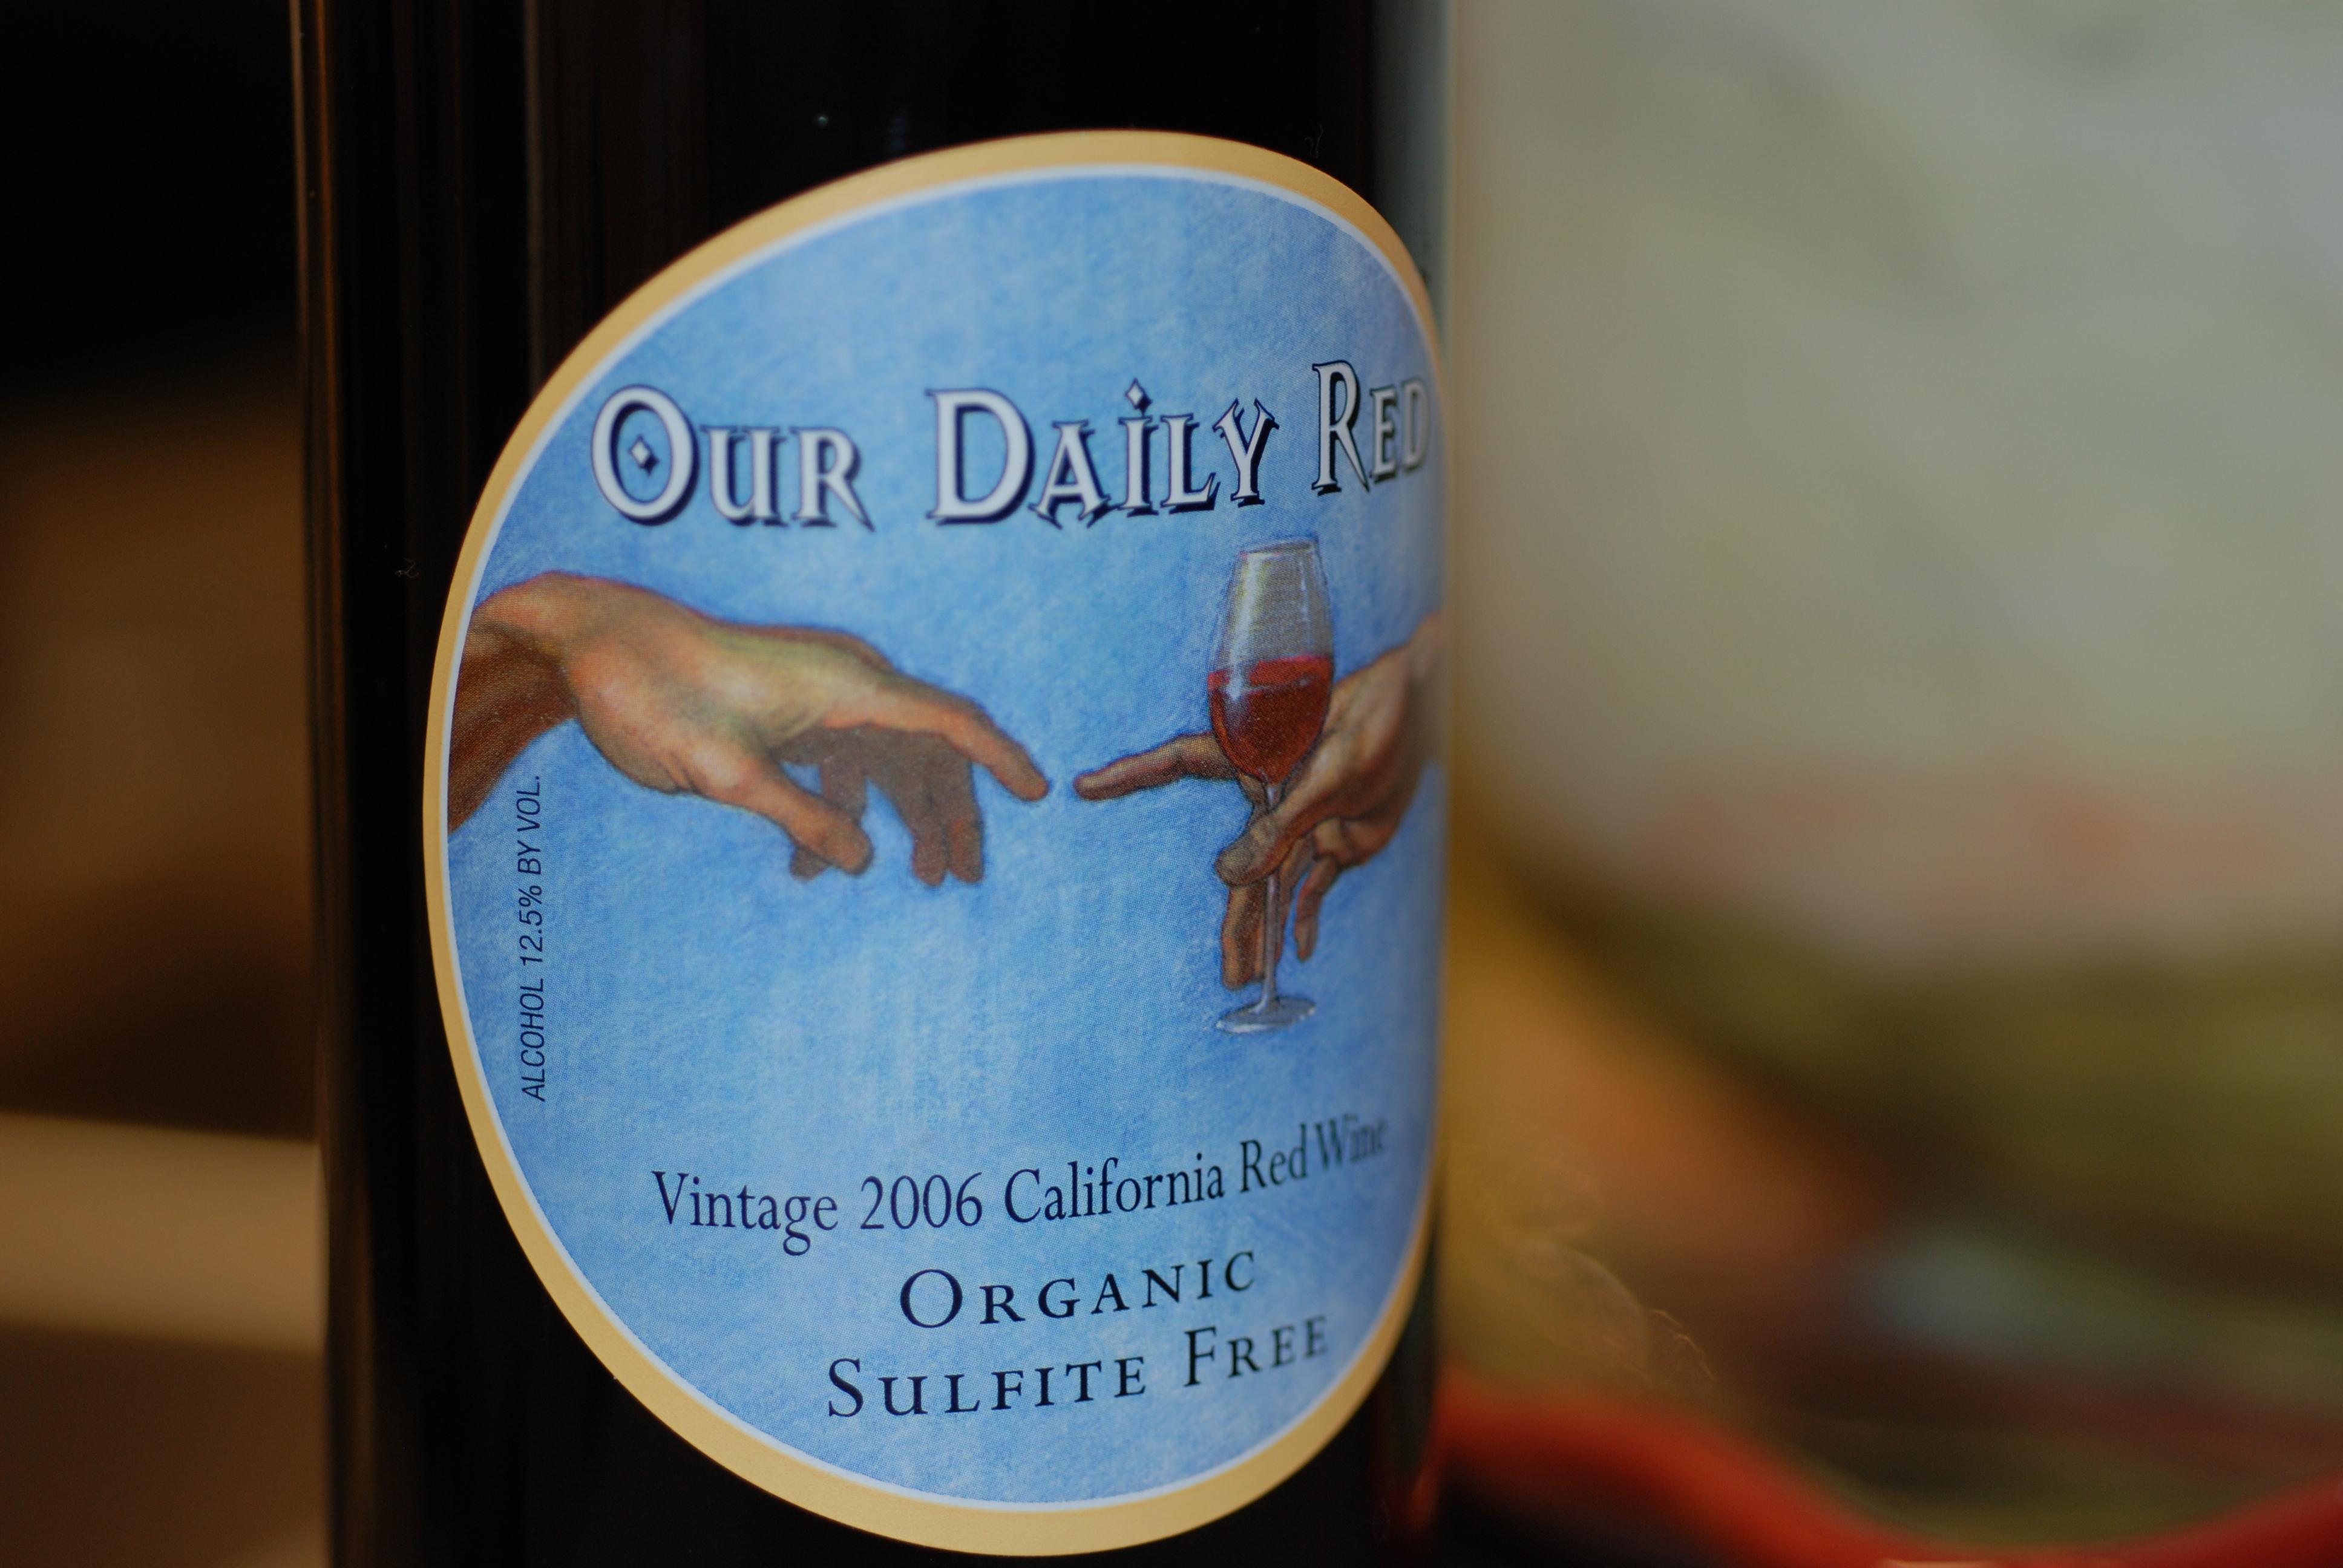 아황산염을 첨가하지 않은 'Sulfite Free' 와인